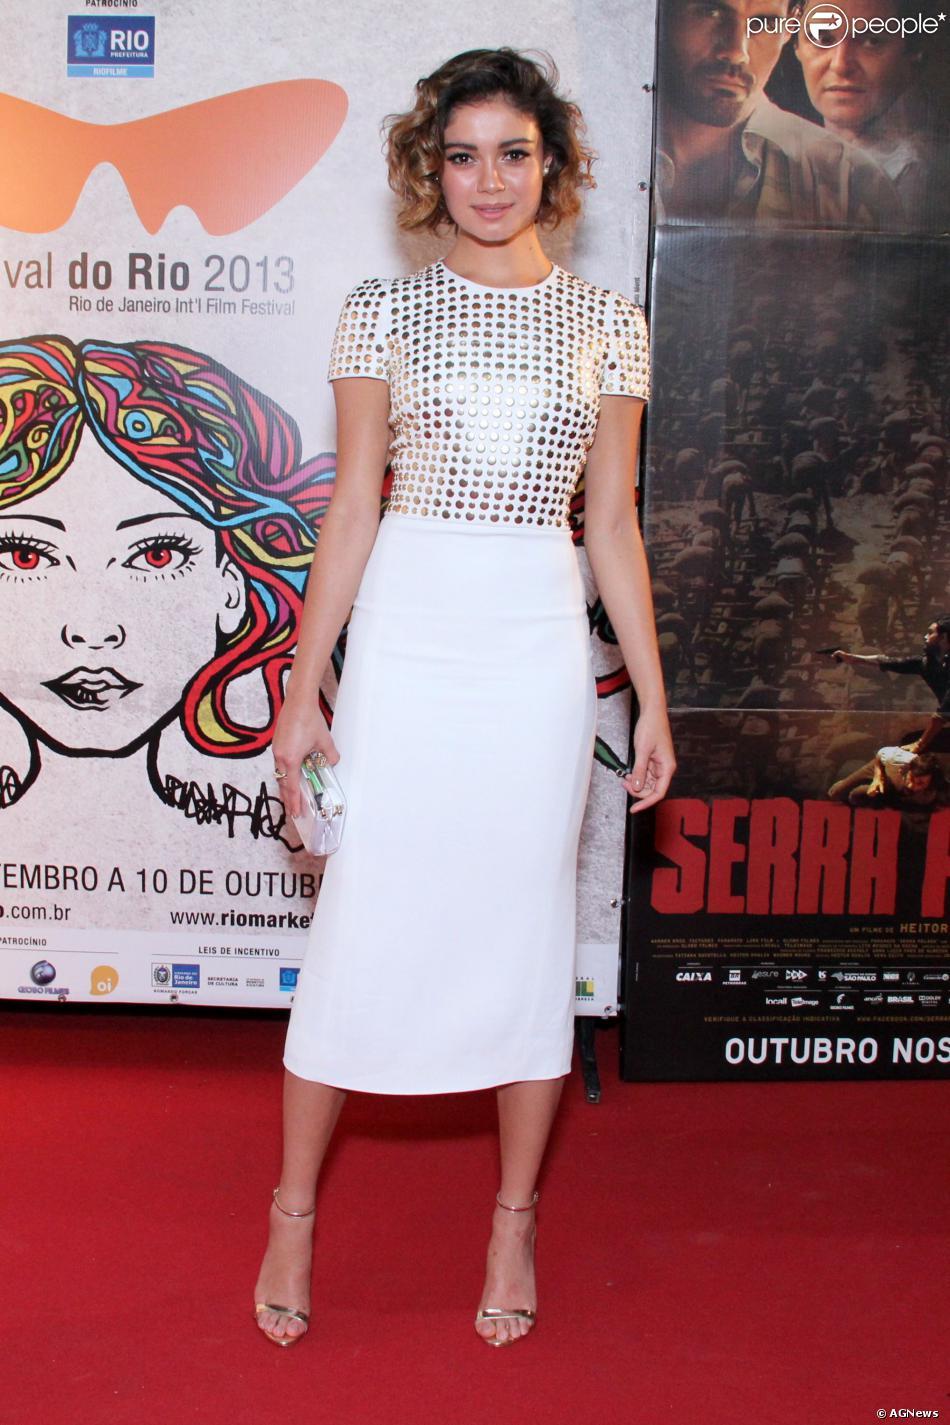 Sophie Charlotte vive uma prostituta no filme 'Serra Pelada', que estreia na sexta-feira, 18 de outubro de 2013. Sobre as cenas quentes com Juliano Cazarré, a atriz garantiu: 'Fiquei muito à vontade'